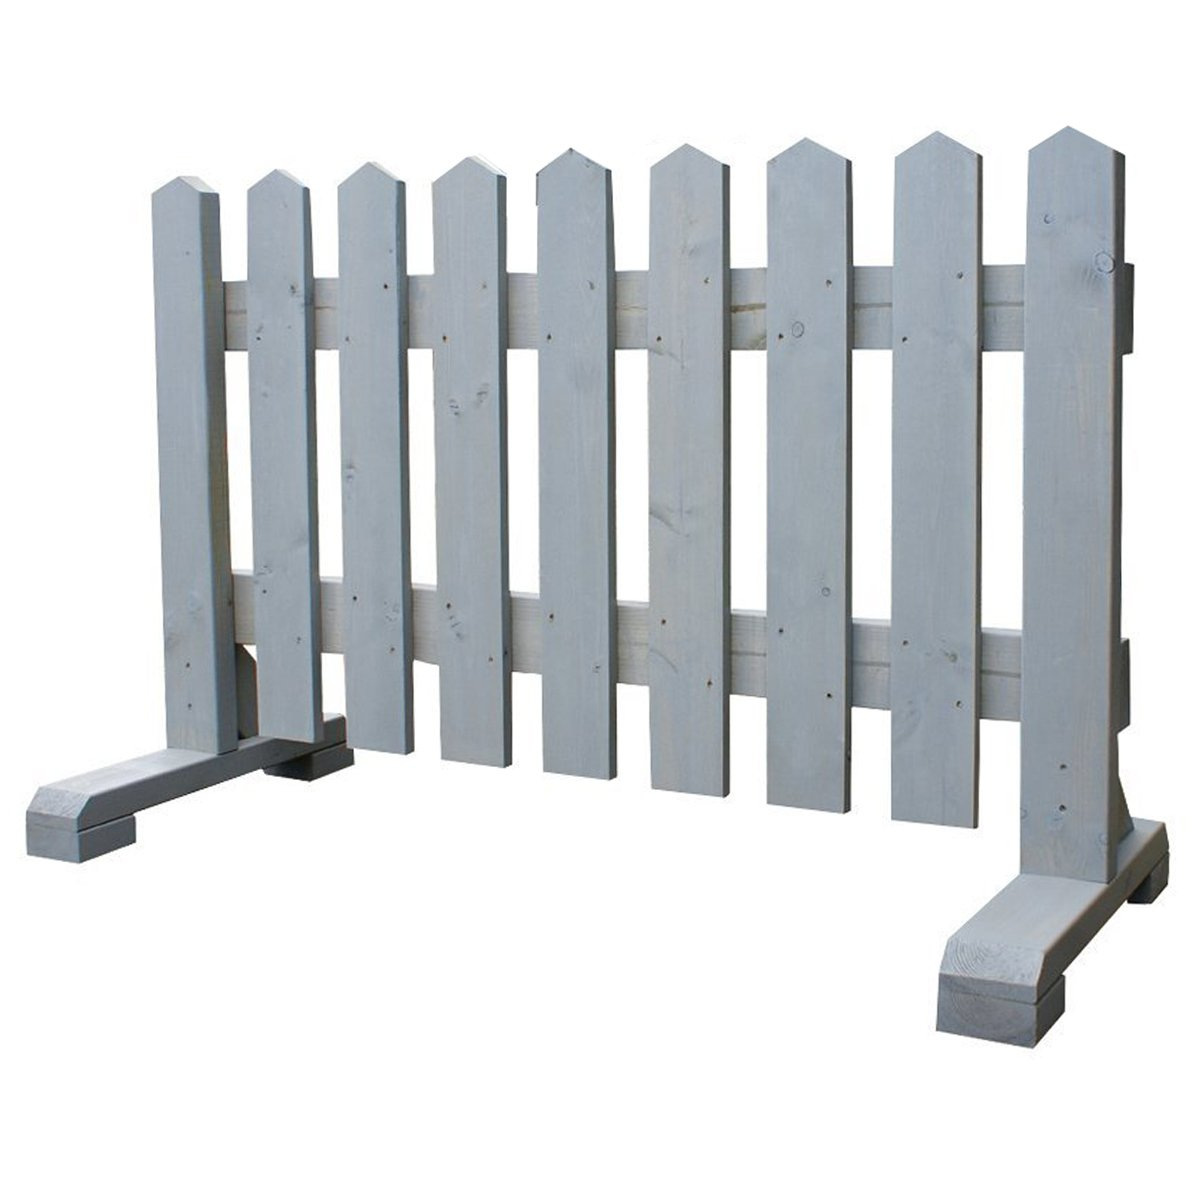 木製 ピケットフェンス -グレー- 【受注製作品】 (幅120cm) 犬 目隠し 屋外 飛び出し防止 柵 ガード さく 木製フェンス ゲート B07BQMK3JN 22800   幅120cm